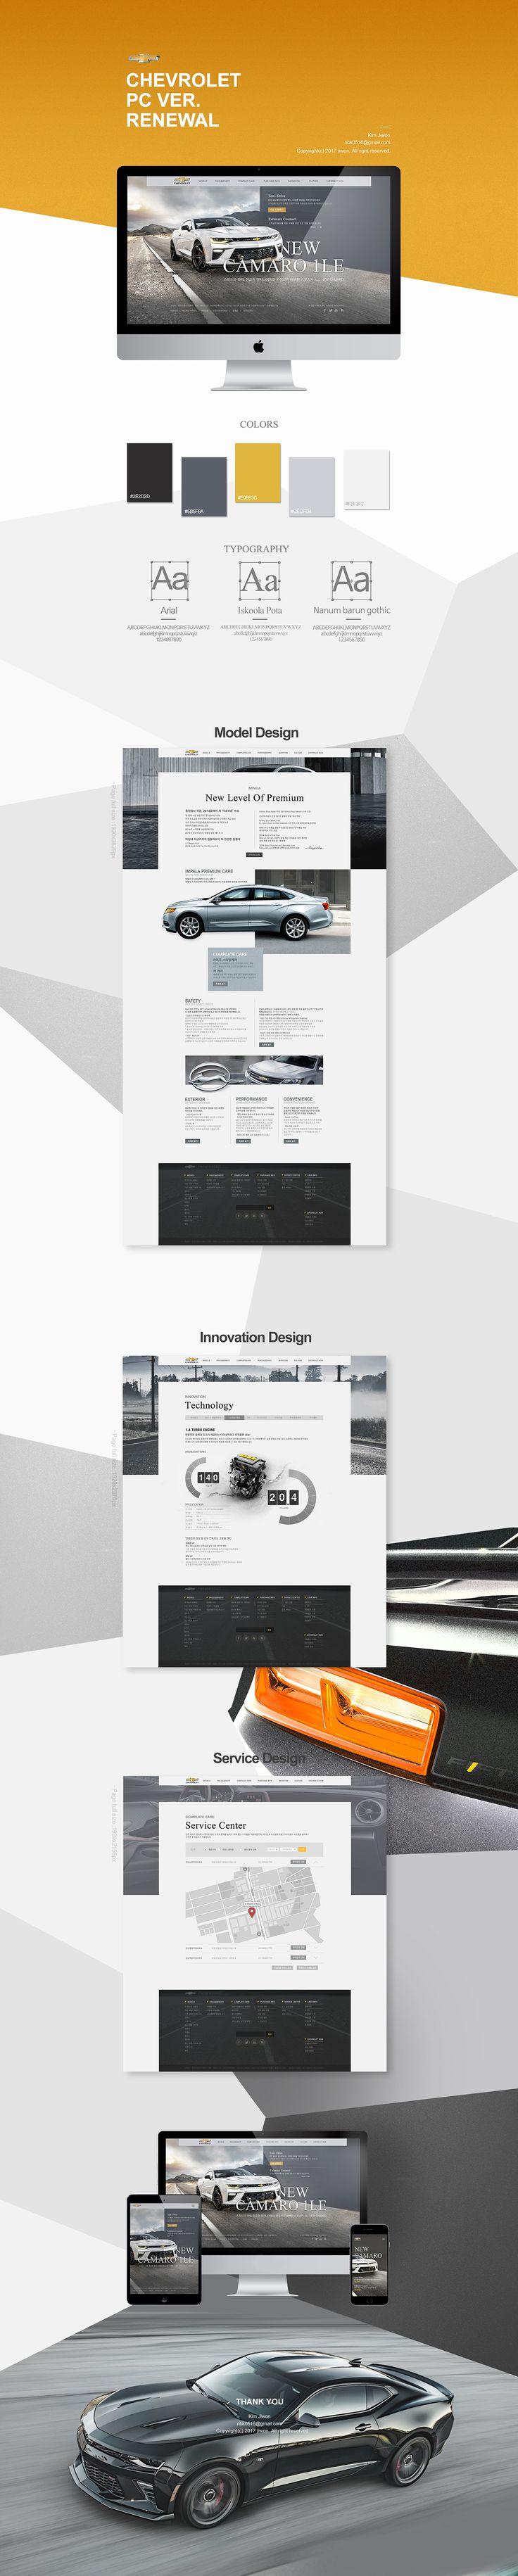 욱스웹디자인아카데미-Chevrolet redesign - Design by Kim-jiwon on Behance